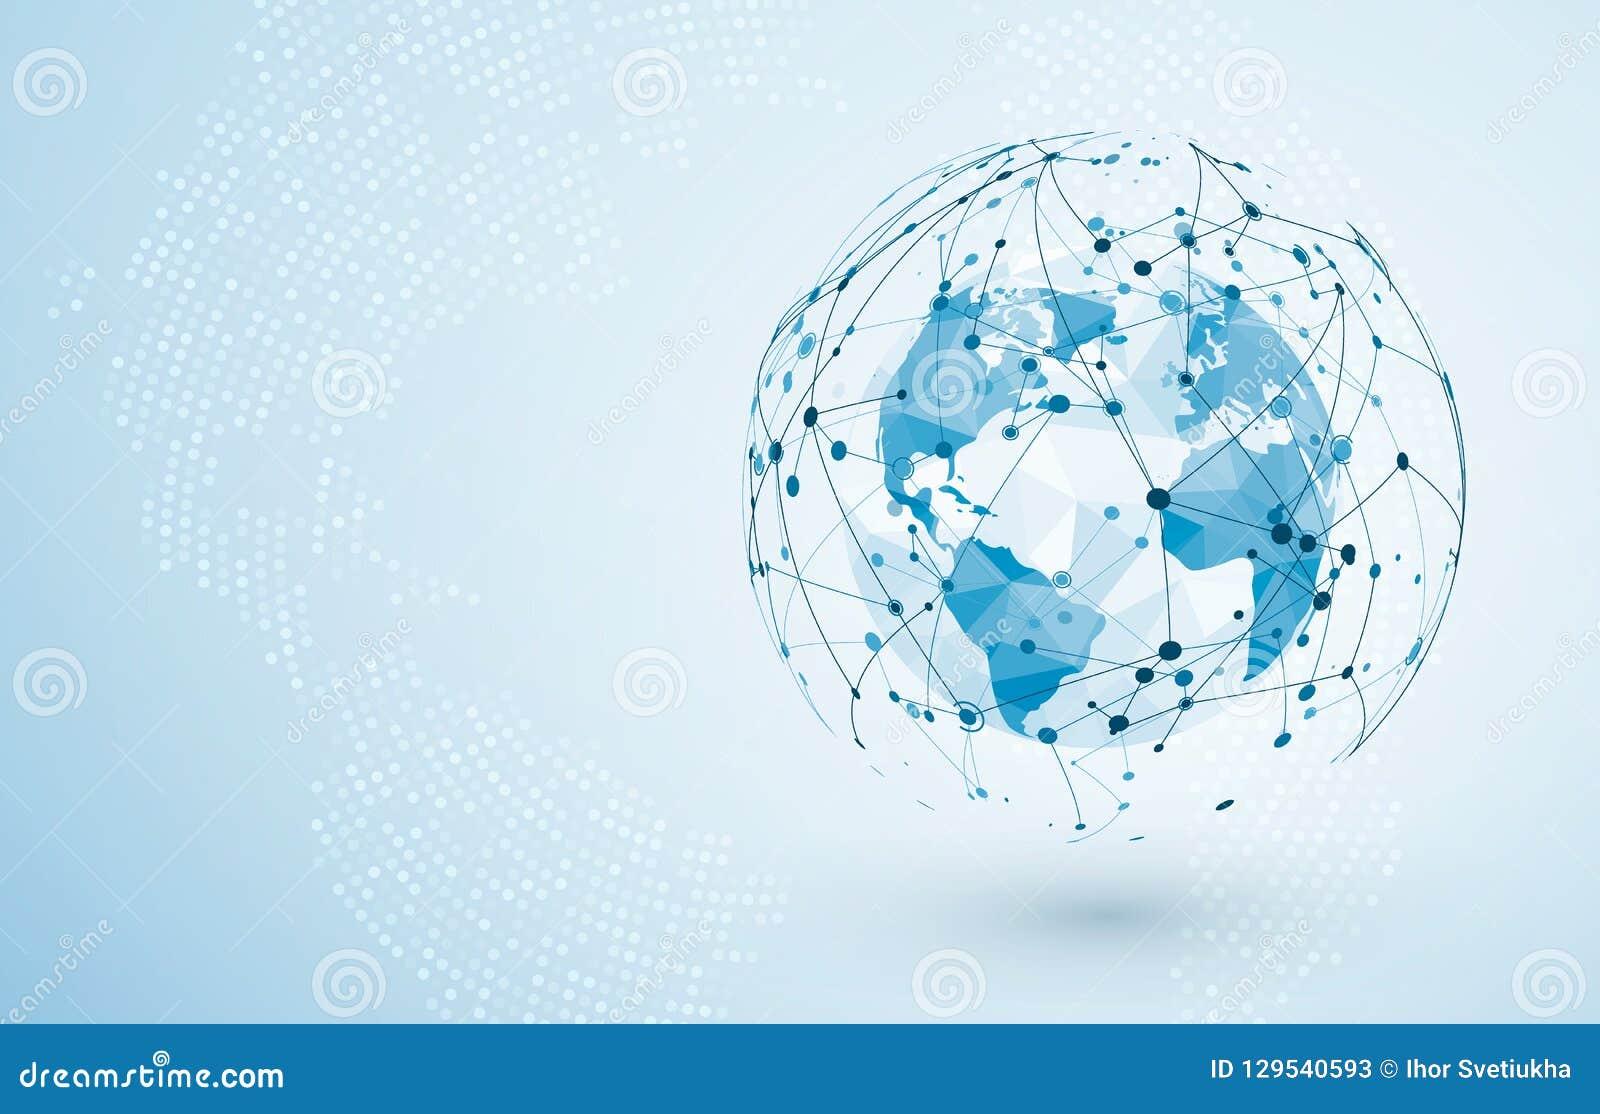 Соединение глобальной вычислительной сети Большие данные или глобальное социальное сетевое подключение Низкая полигональная конце